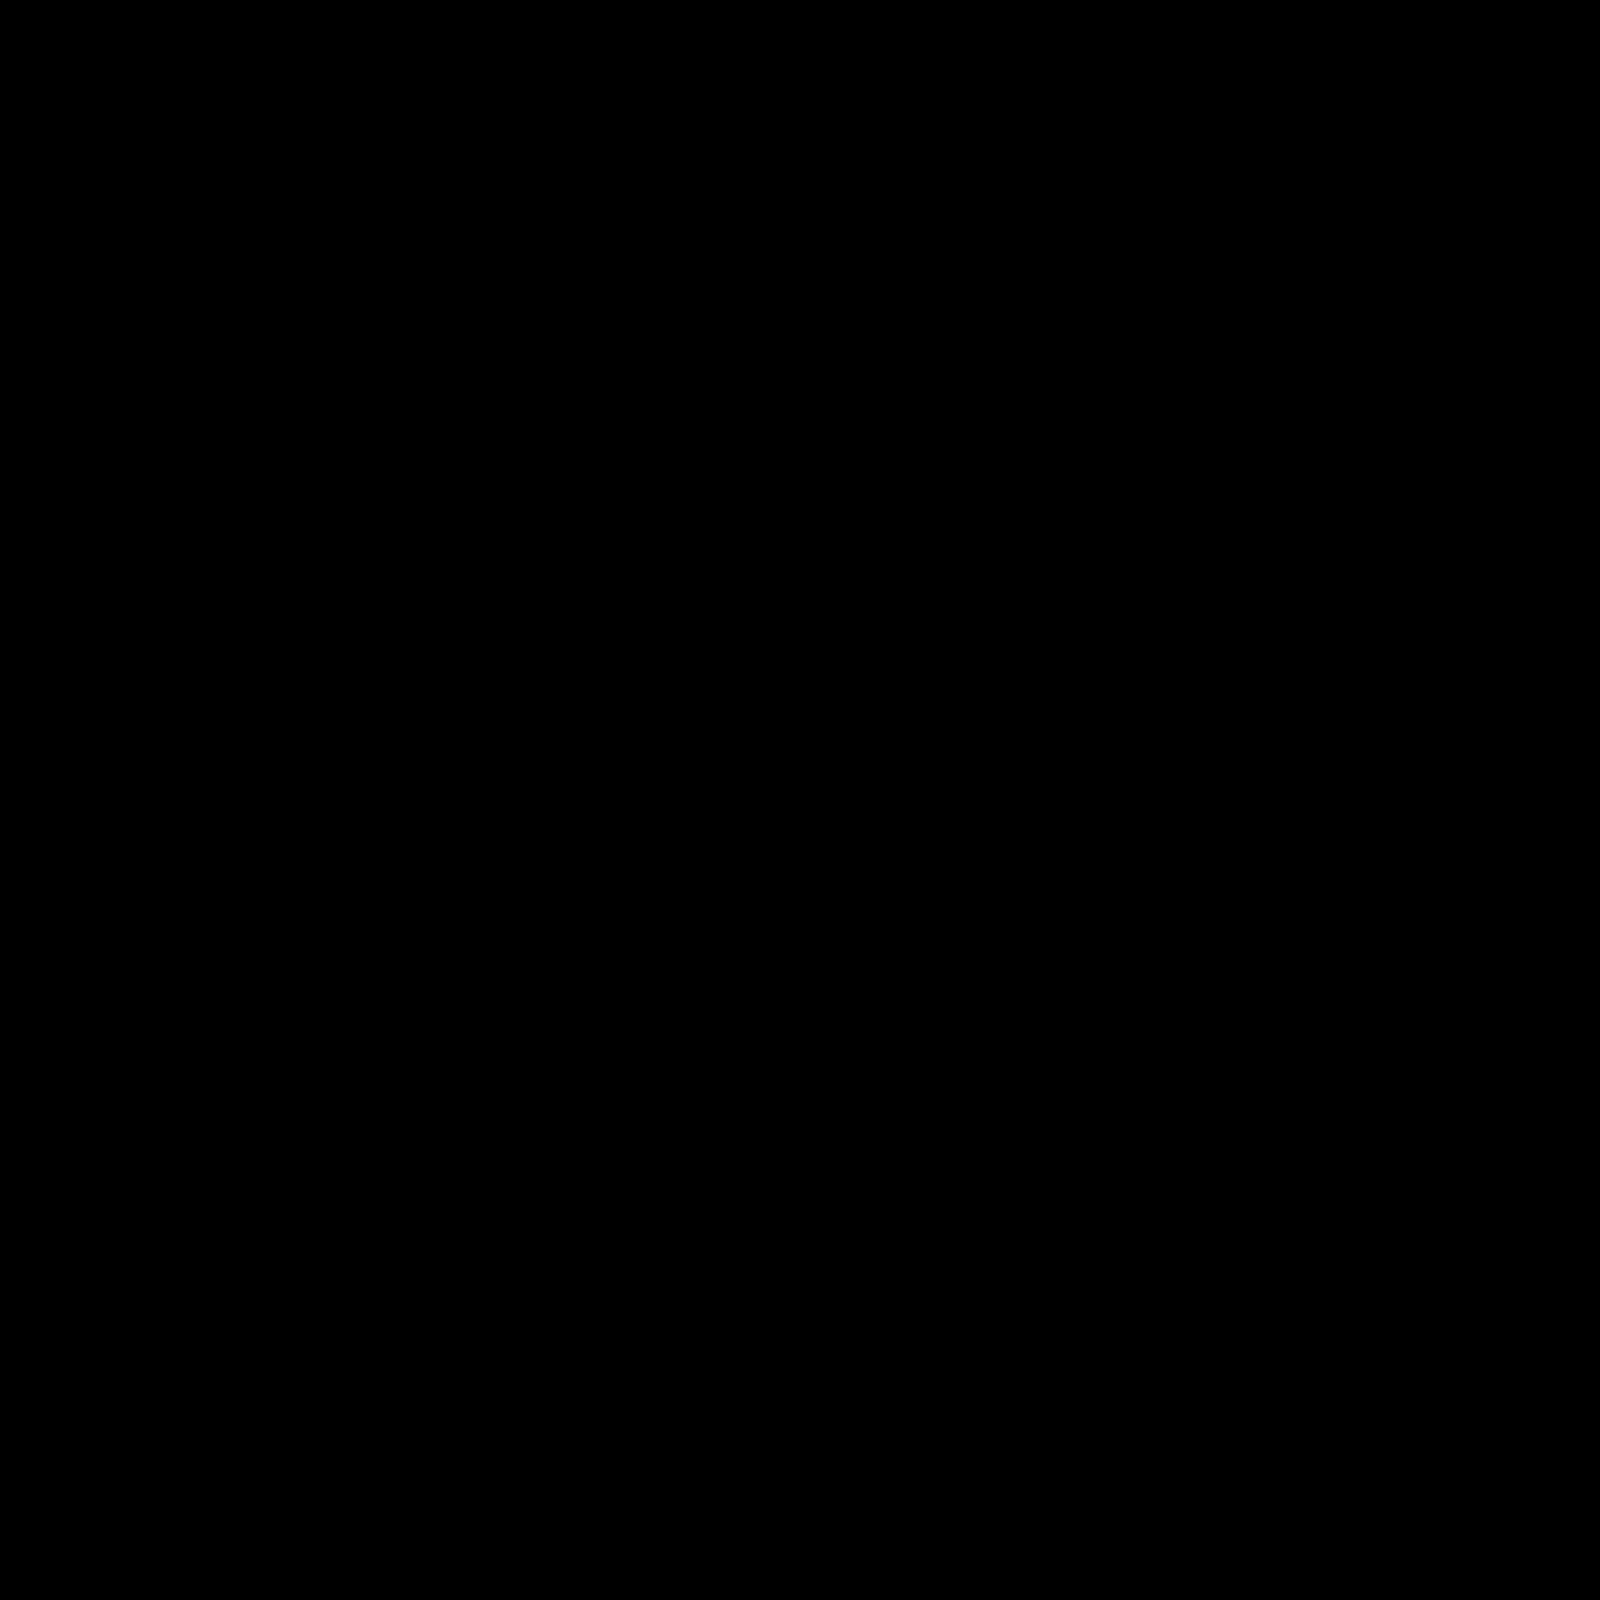 厂 icon. A black and white outline image of a building and a single smoke stack on the right that goes higher than the rest of the building. The building has six windows and it has an angled roof divided into two sections.